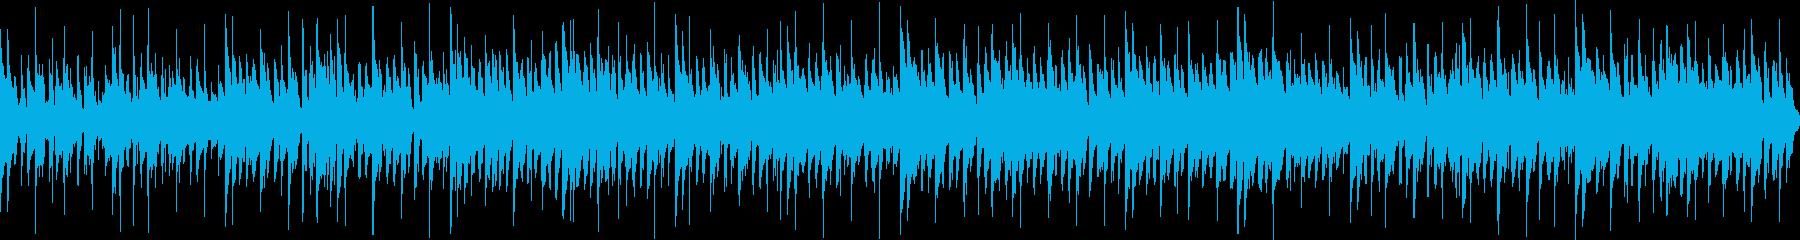 ループ可ミステリー・ハロウィン用怪しげ曲の再生済みの波形